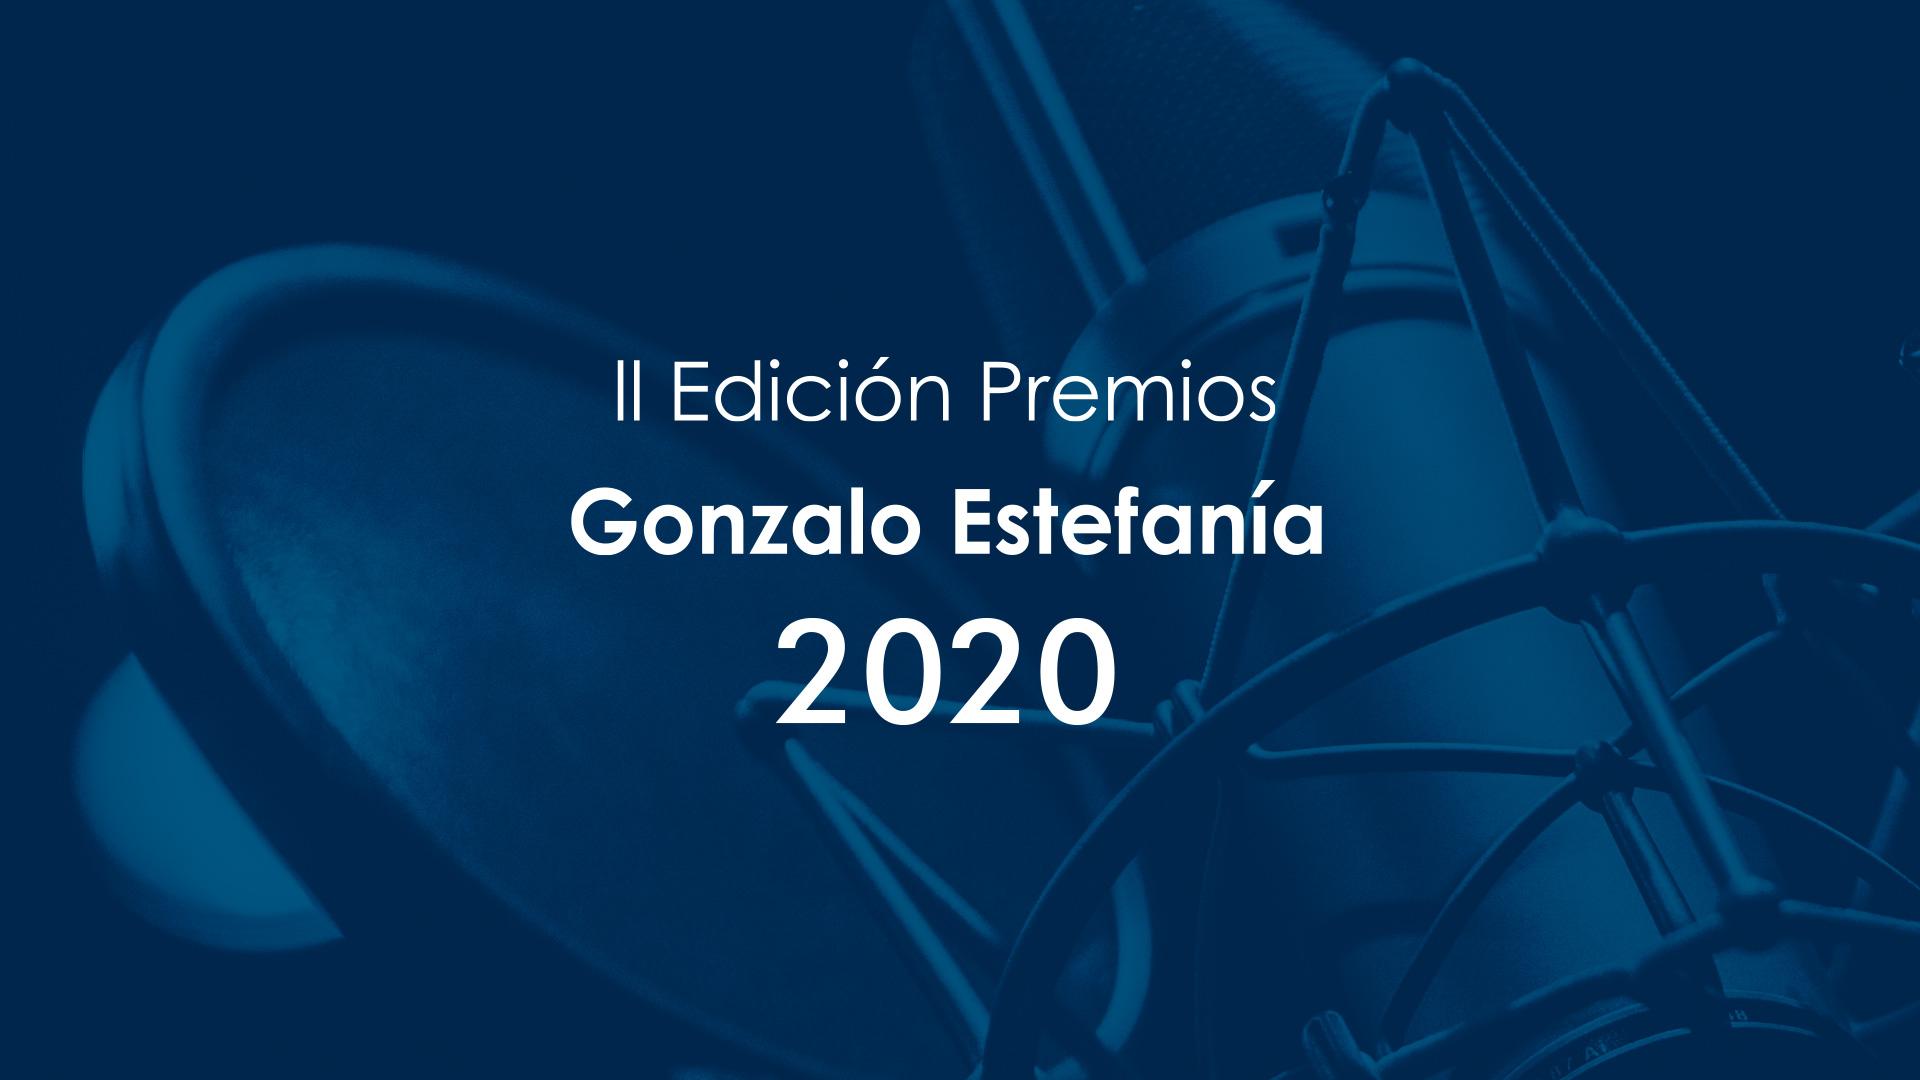 II Edición Premios Gonzalo Estefanía 2020